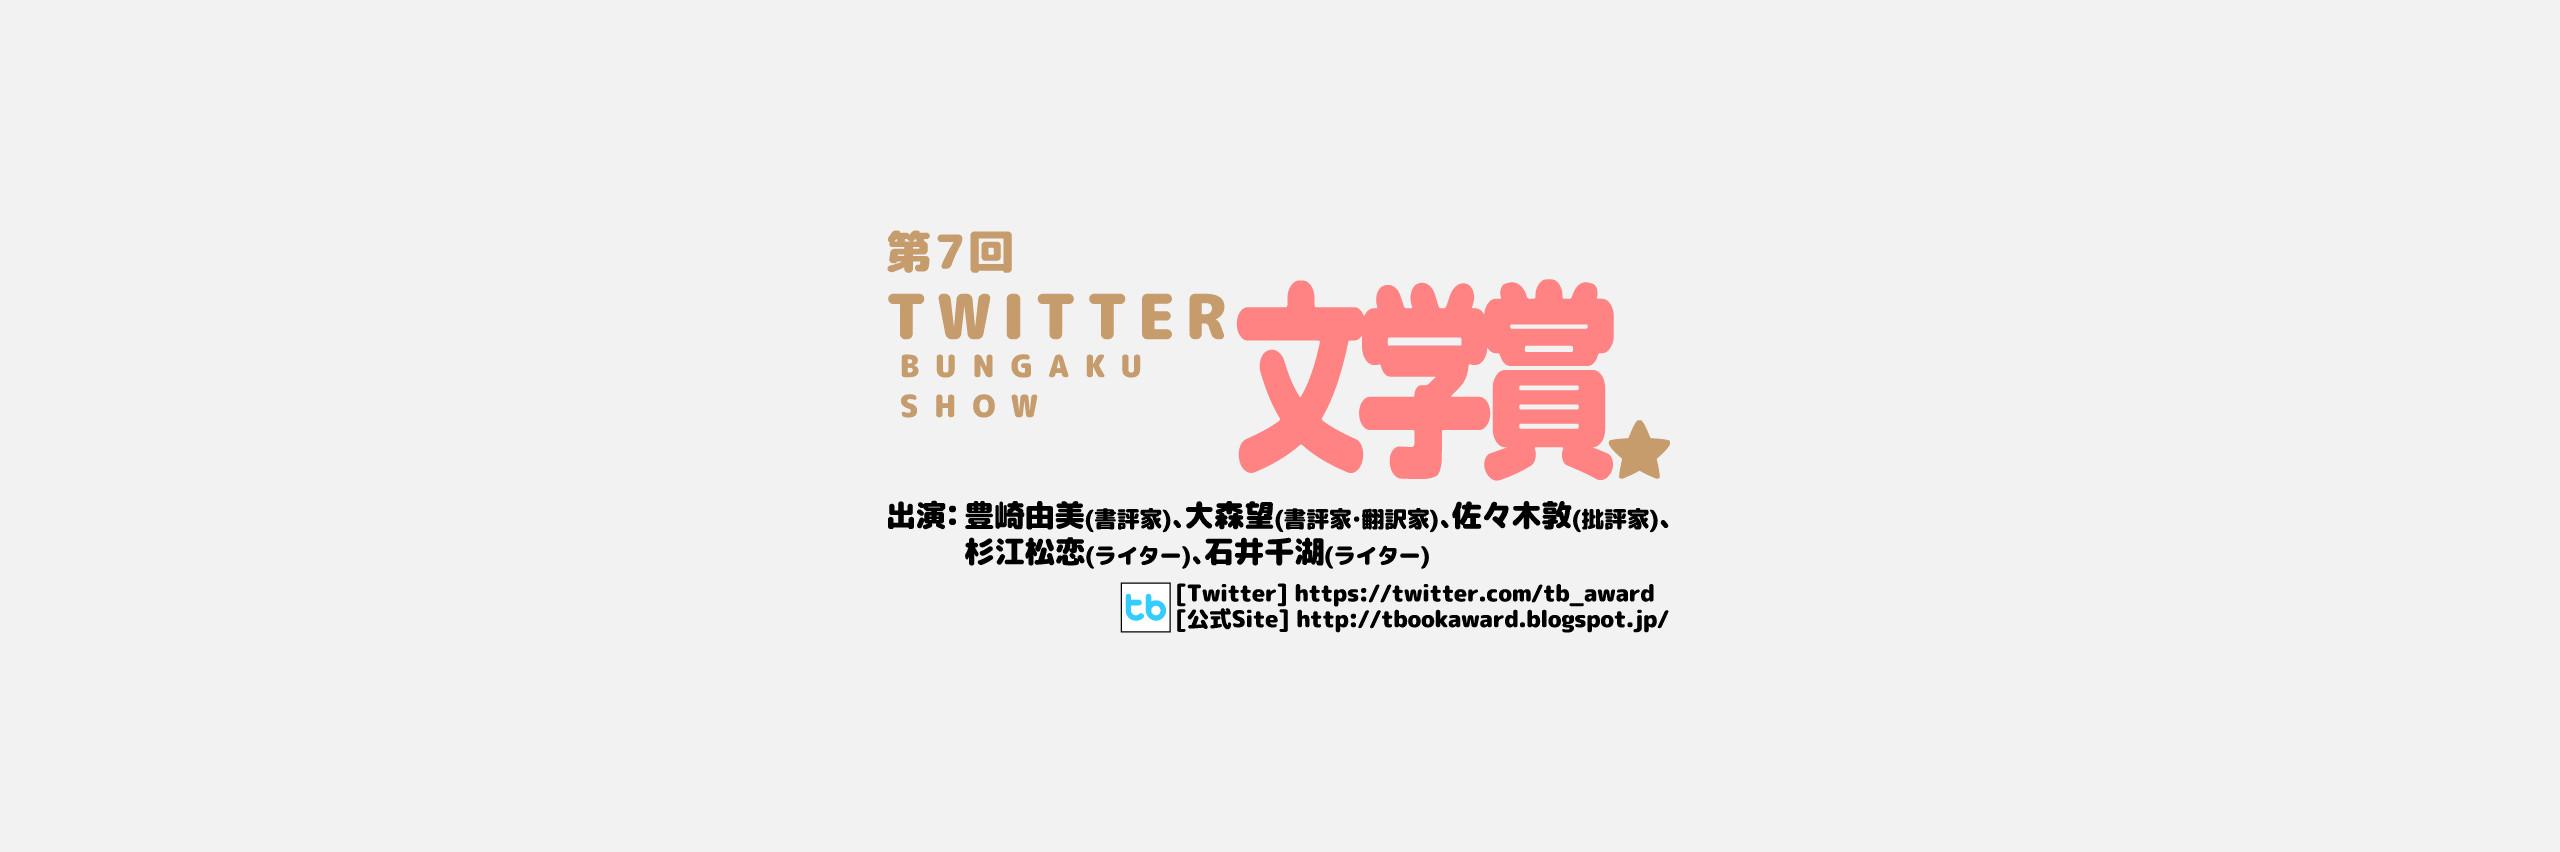 第7回Twitter文学賞